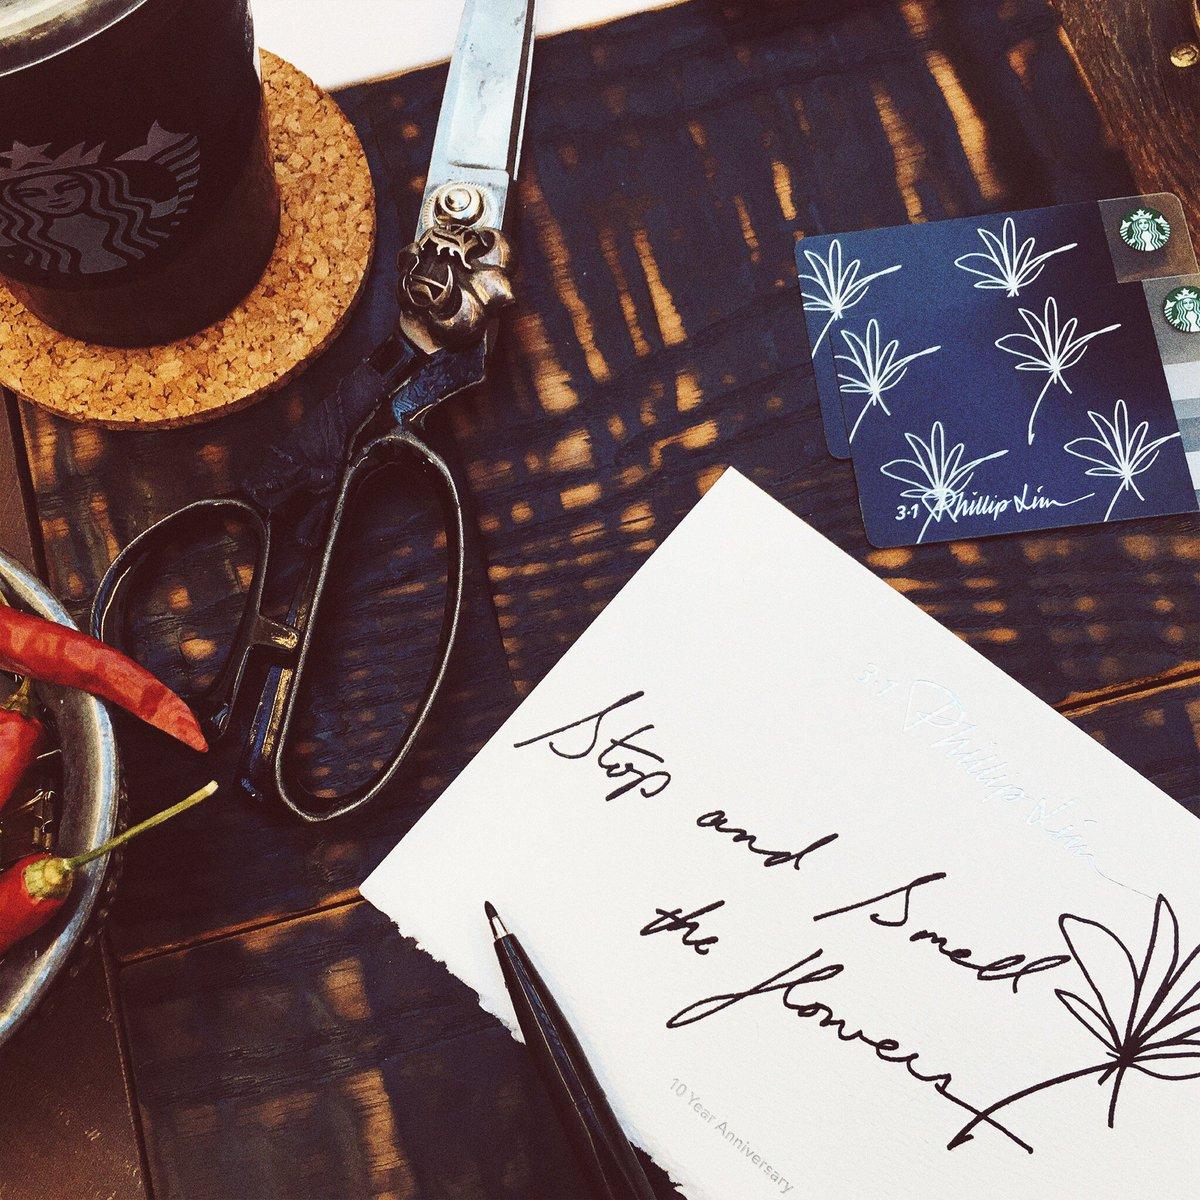 3.1 フィリップ リム特別デザインのスターバックス カードが、ELLE Japon 2/27発売号の付録で登場。https://t.co/Trhl9Sb3nt  #31SASTF @ellejapan @Starbucks_J https://t.co/kixvKcKPvI